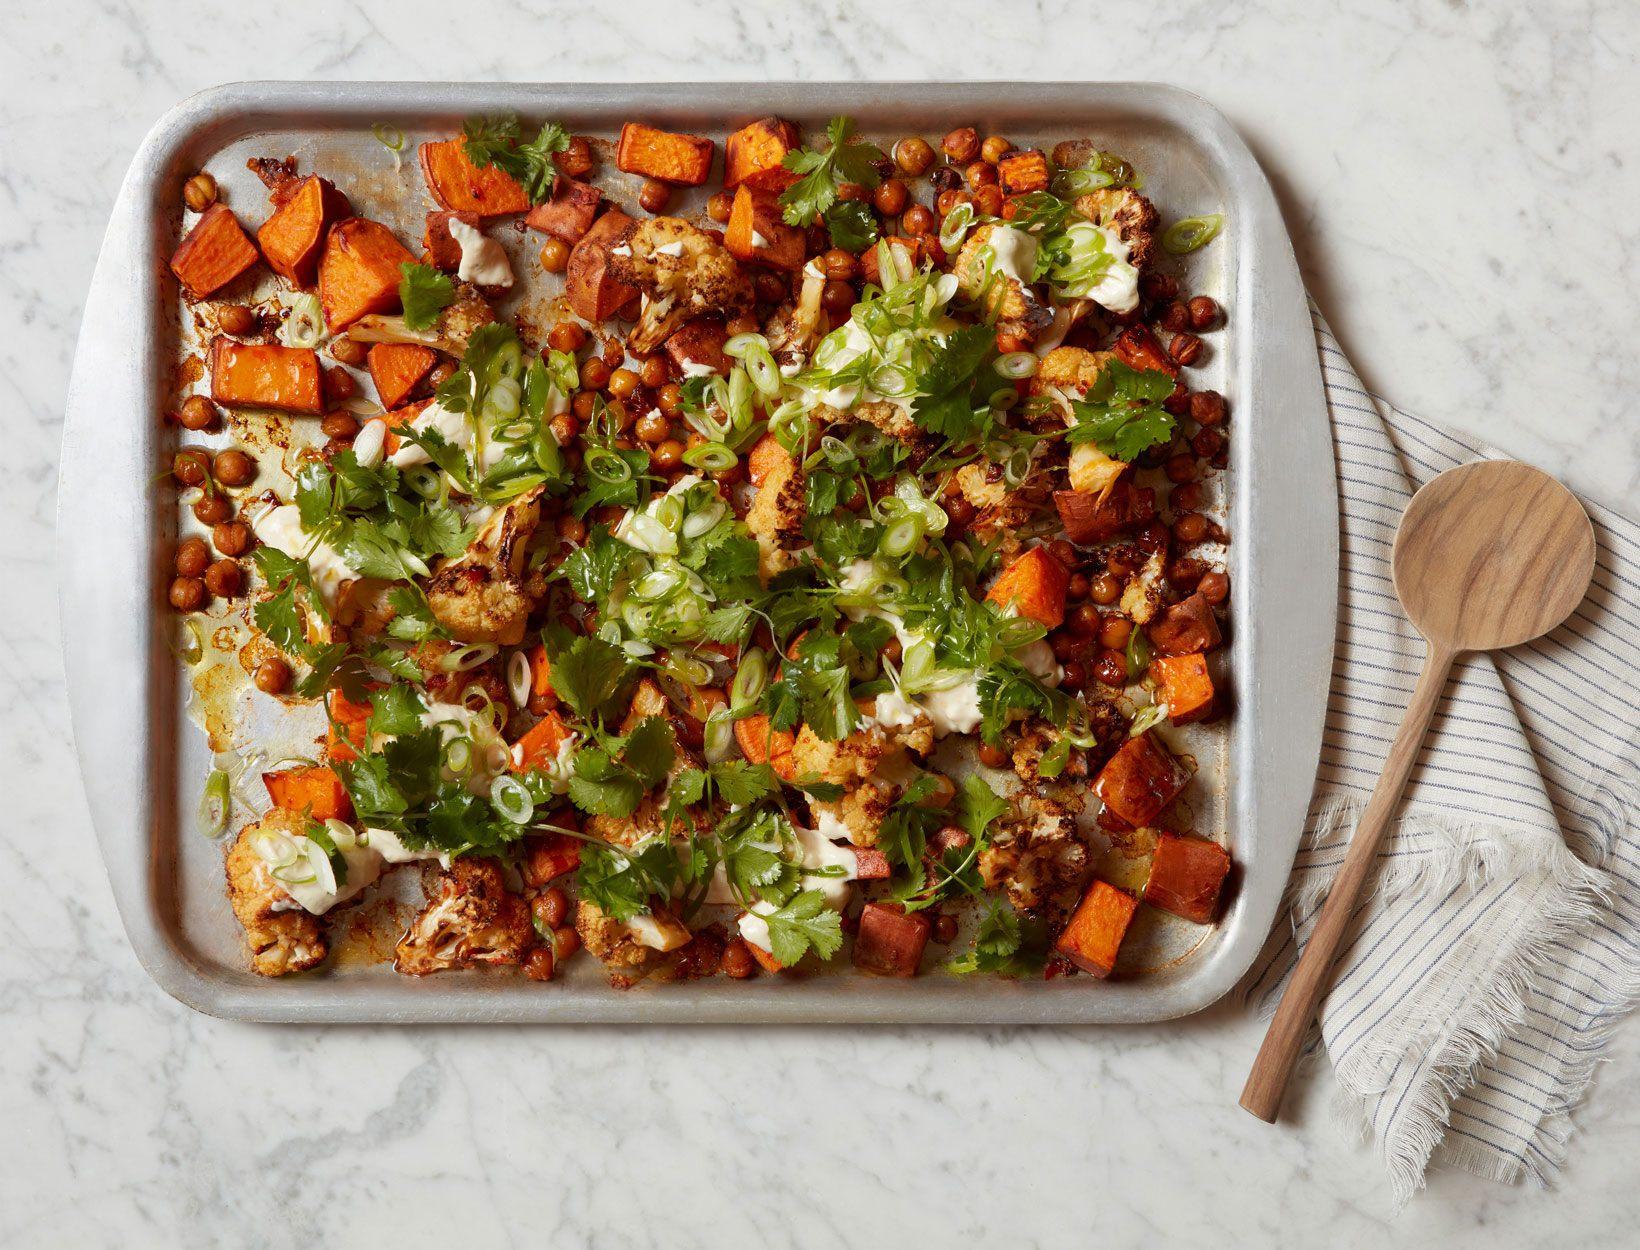 Harissa Roasted Vegetables with Chickpeas and Yogurt Tahini